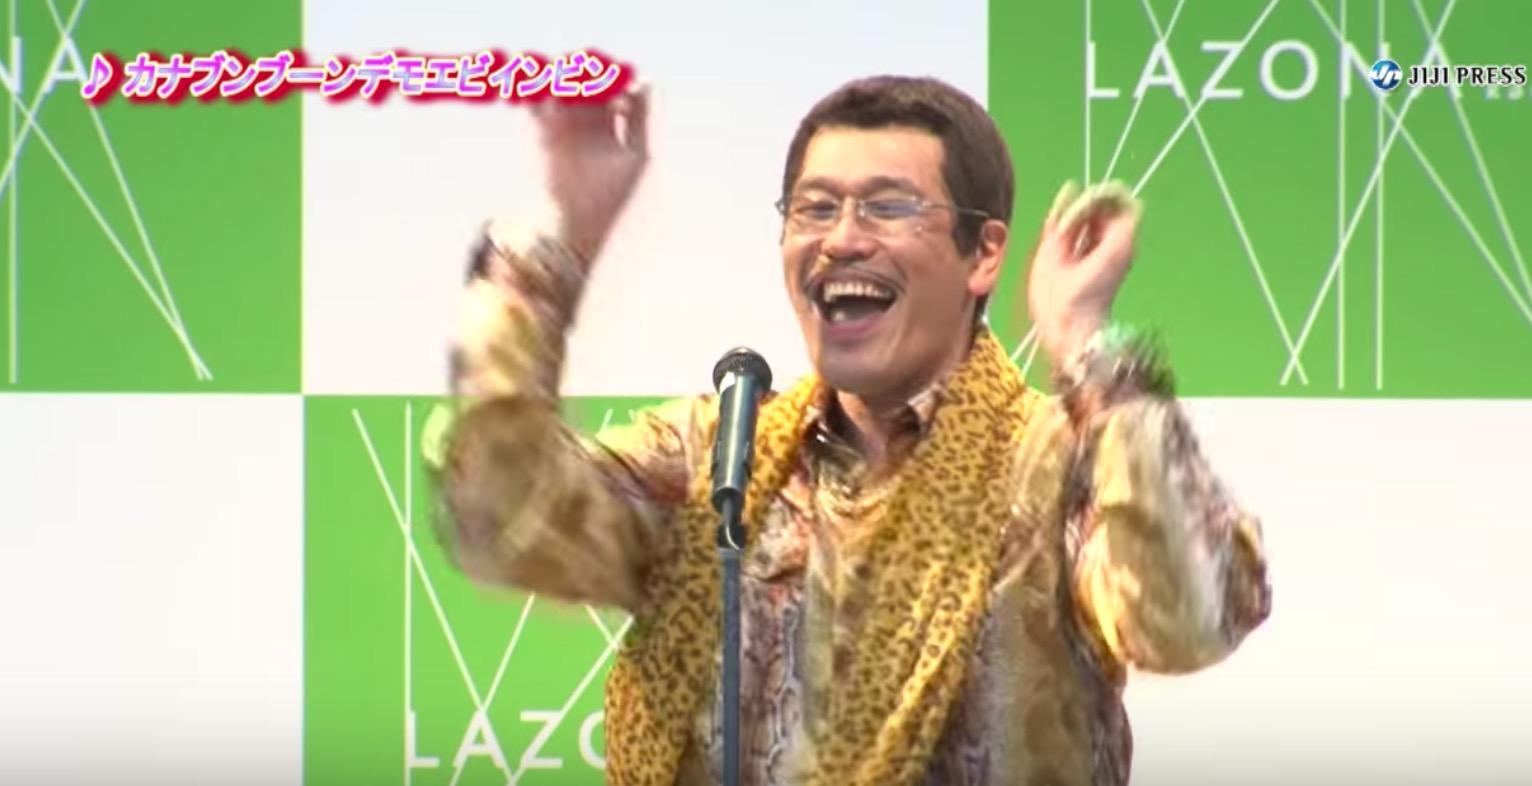 ピコ太郎さんまた変な新曲w「カナブンブーンデモエビインビン」